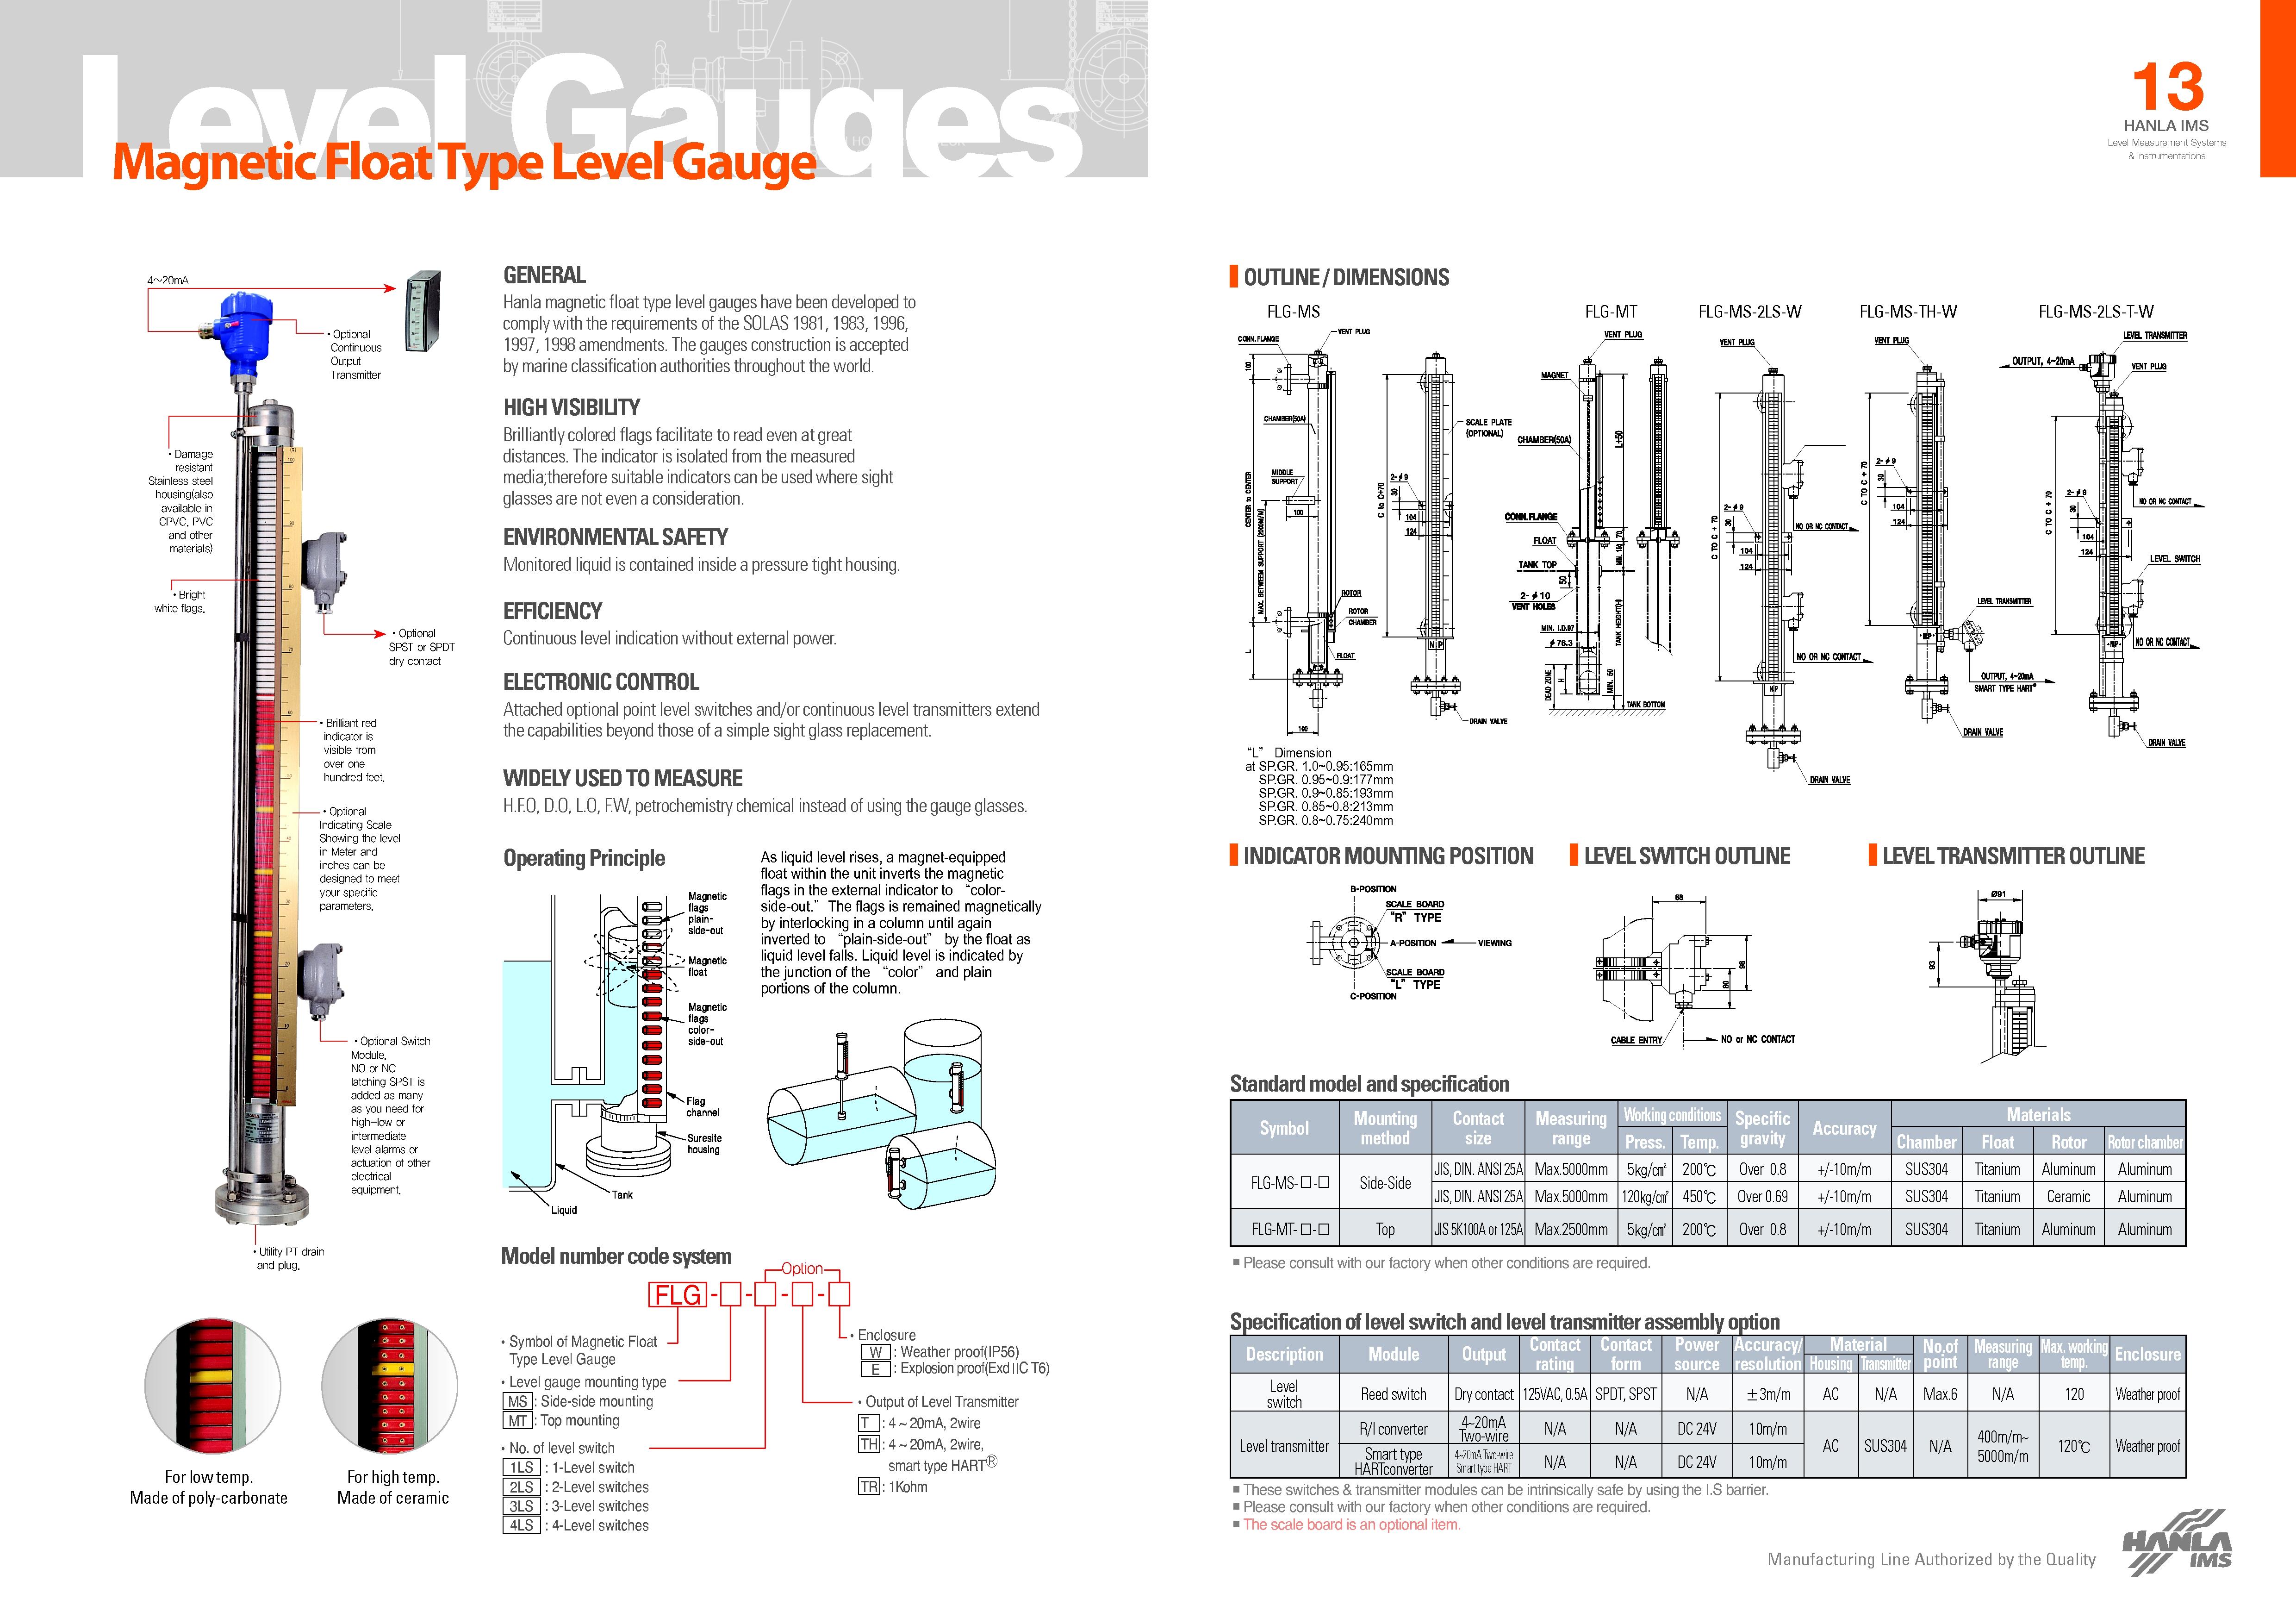 Hanla IMS   Industrial & Marine Level Gauges   Aqua Logistics